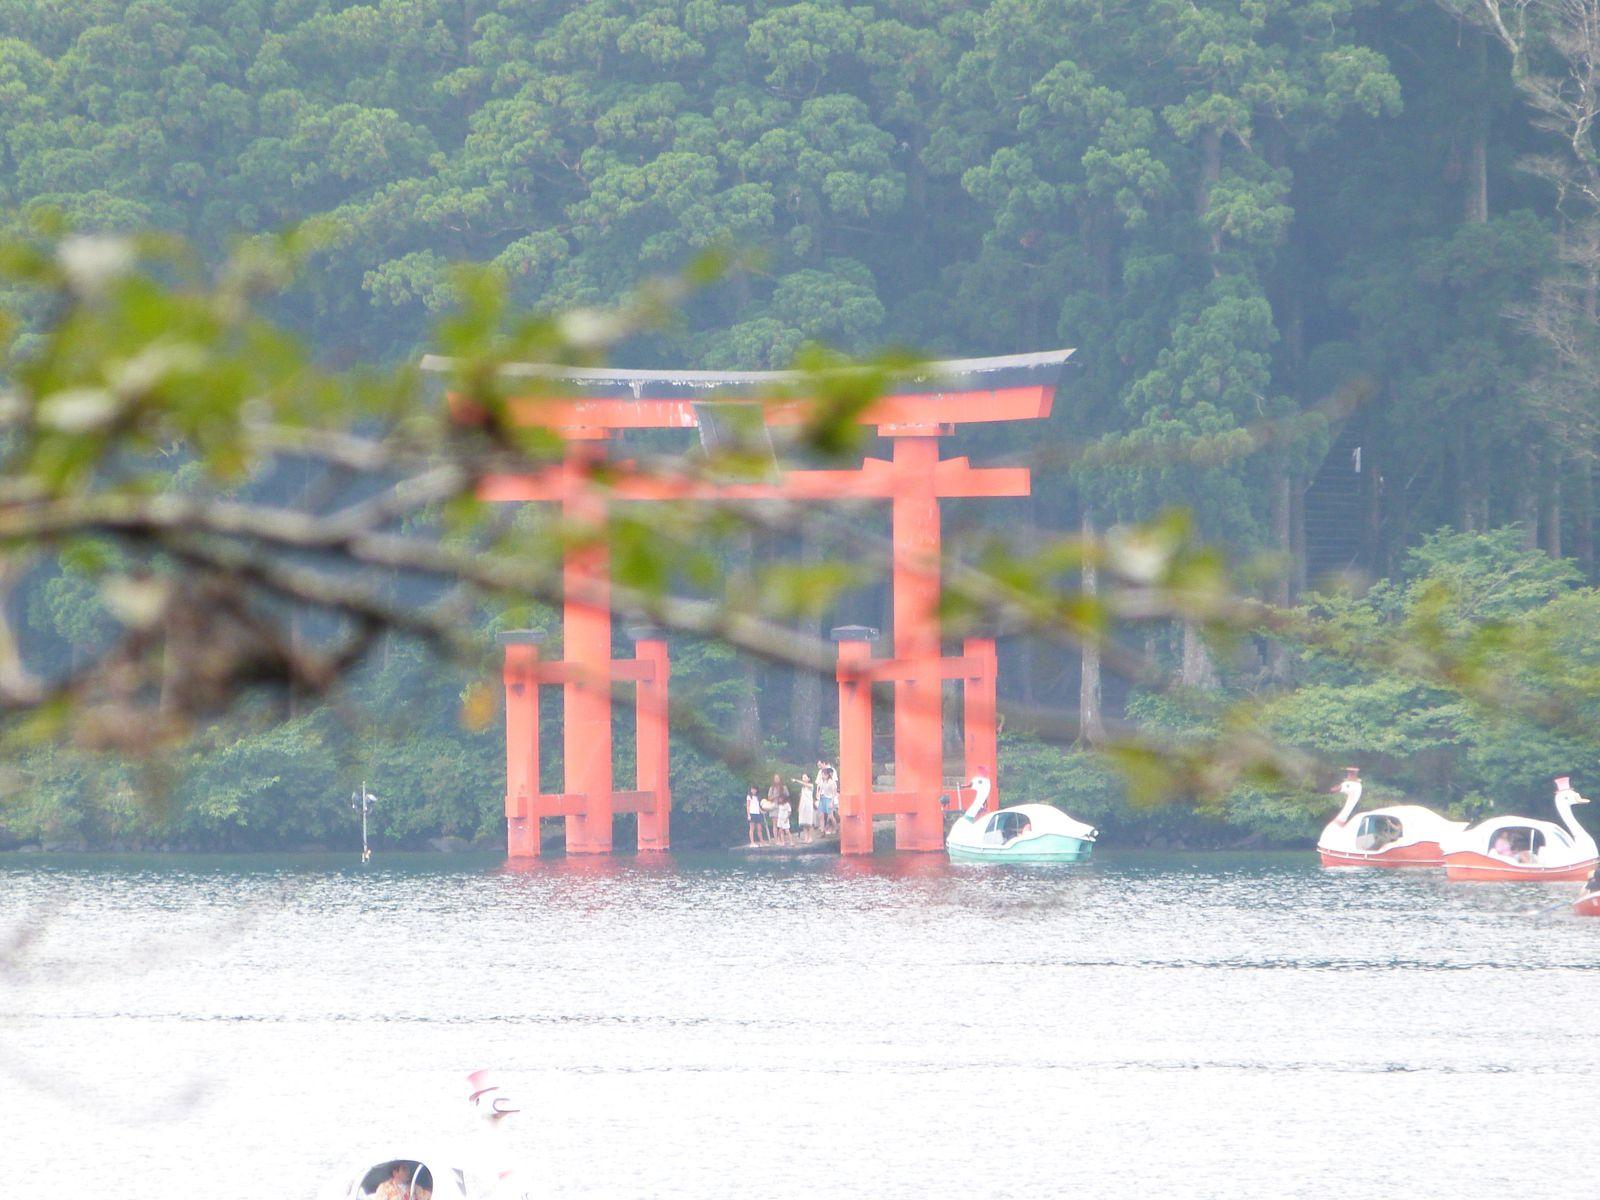 Voila donc l'un des trucs incontournables de Hakone (si on oublie les onsens. Parce que non, je n'ai pas pris de photos dans les onsens. Les gens y sont à poil, mince !). Bref. Une porte dans l'eau. Avec une branche devant oui. Et la mise au point sur la branche. Donc la porte est flou. Mais le contraste est top. Bref. J'aime bien :3